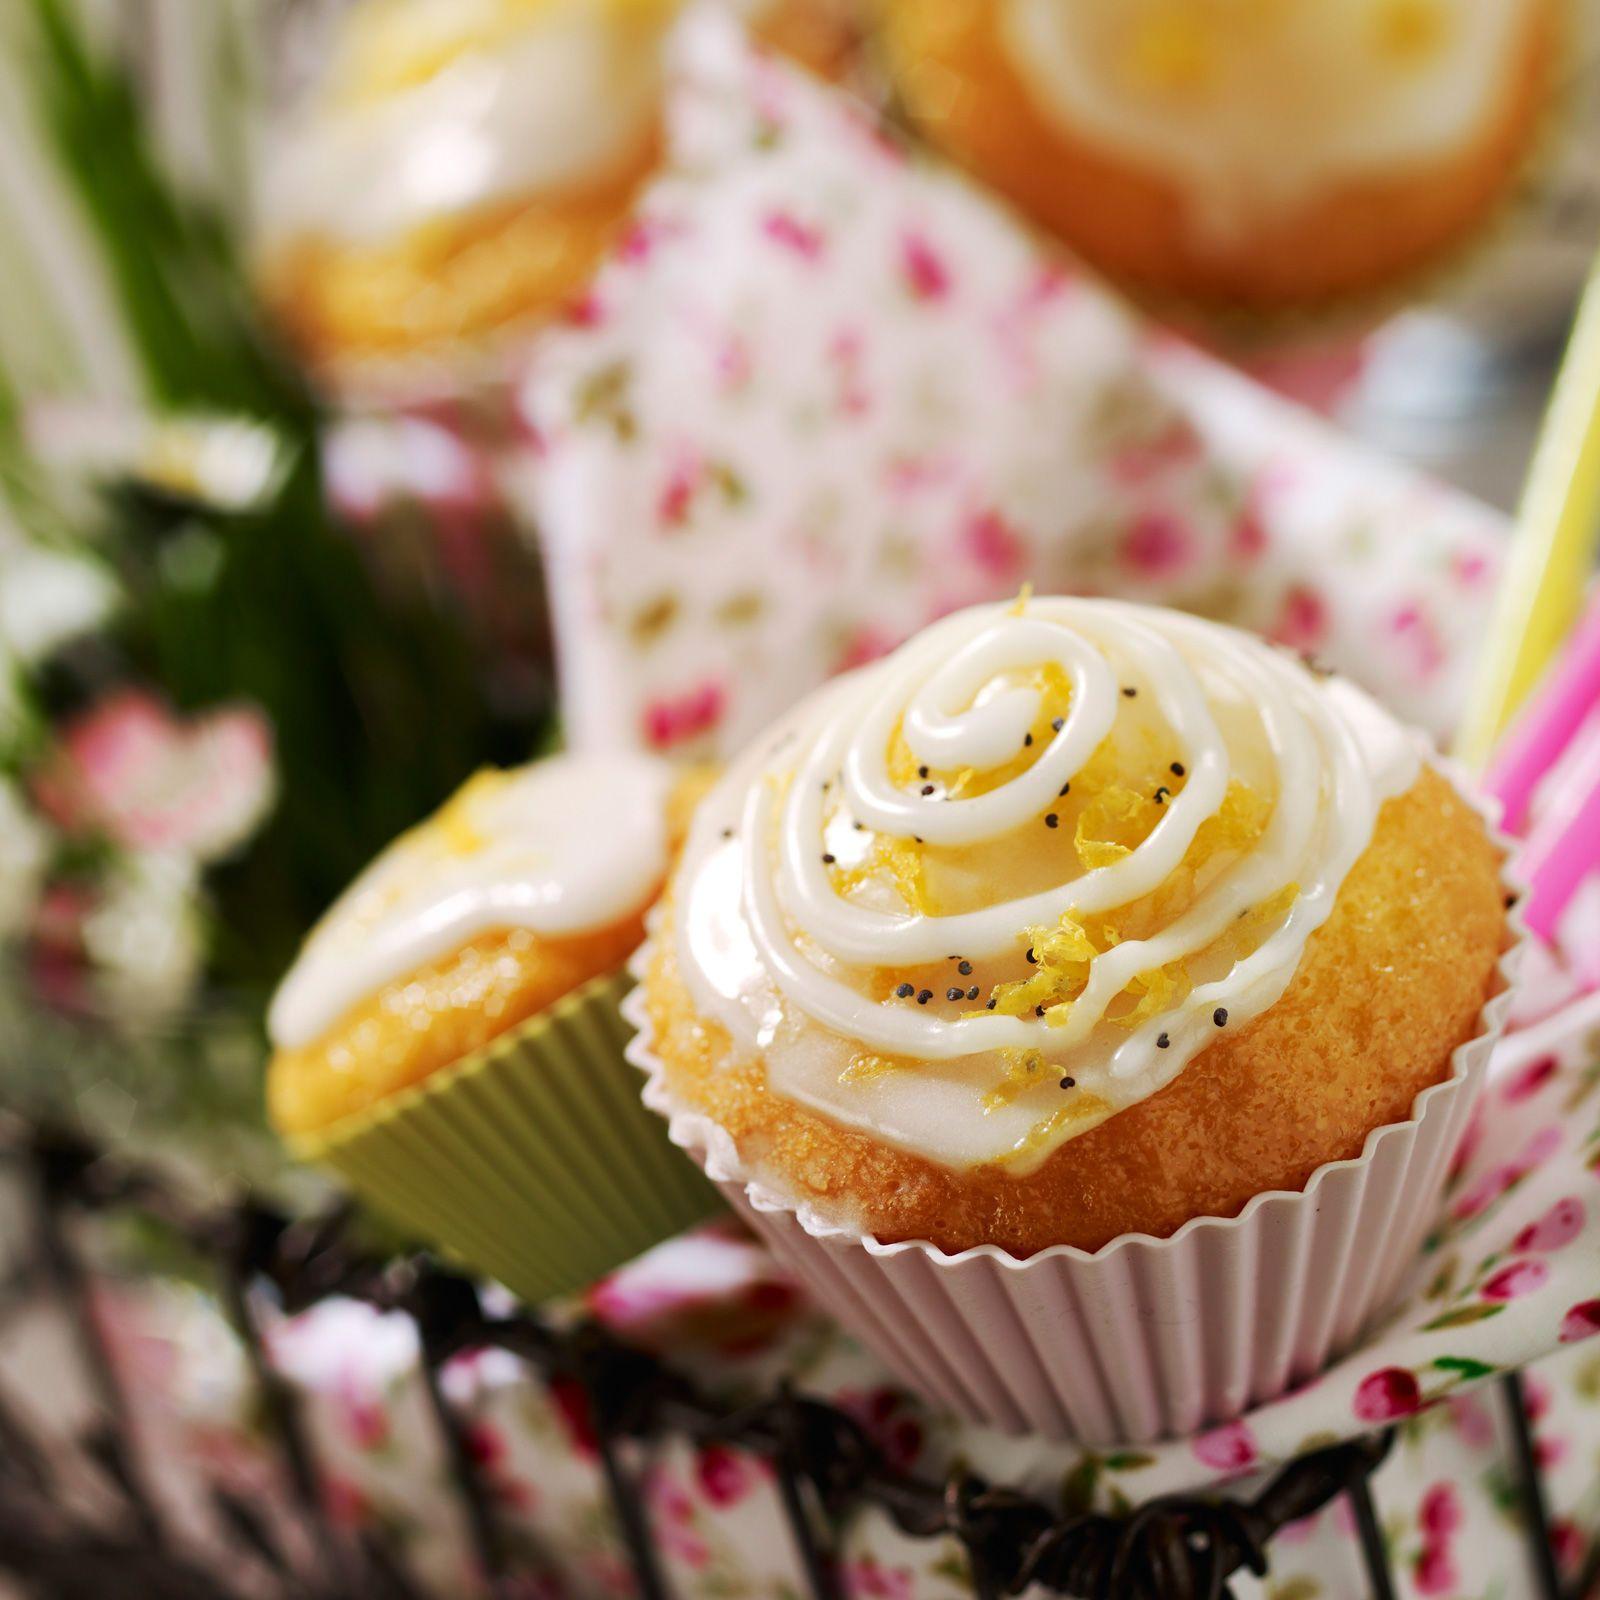 Cupcakes Façon Bakewell Tart Recette En 2019 Cupcakes Recette